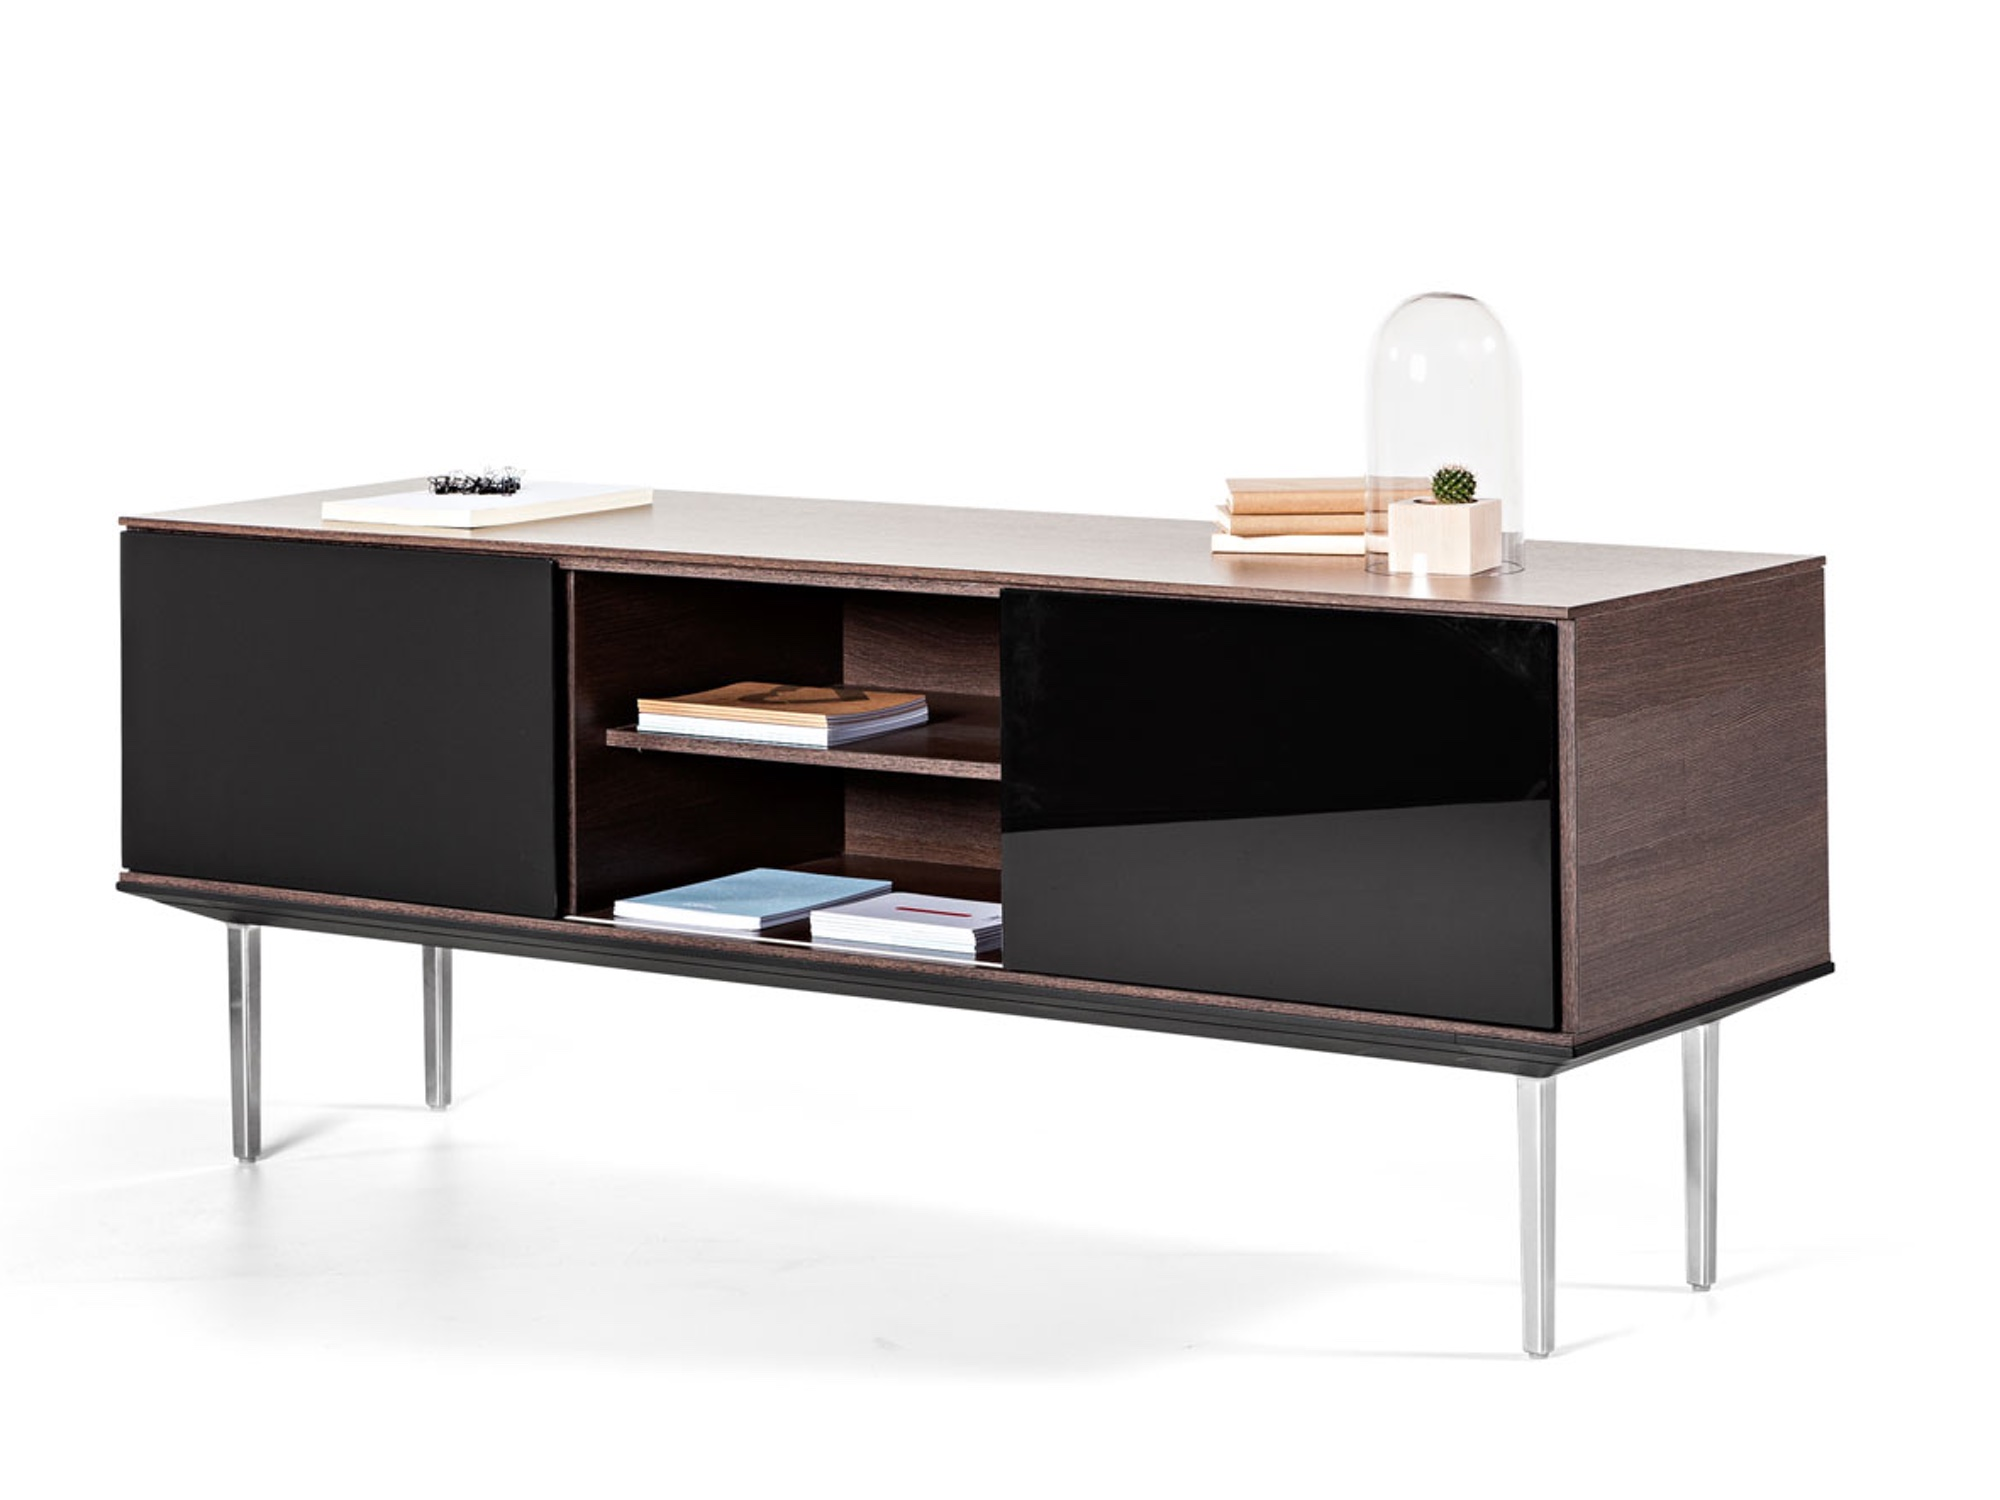 actiu longo lna12 sideboard 180x50 cm mit glast ren sideboards b roschr nke alle. Black Bedroom Furniture Sets. Home Design Ideas